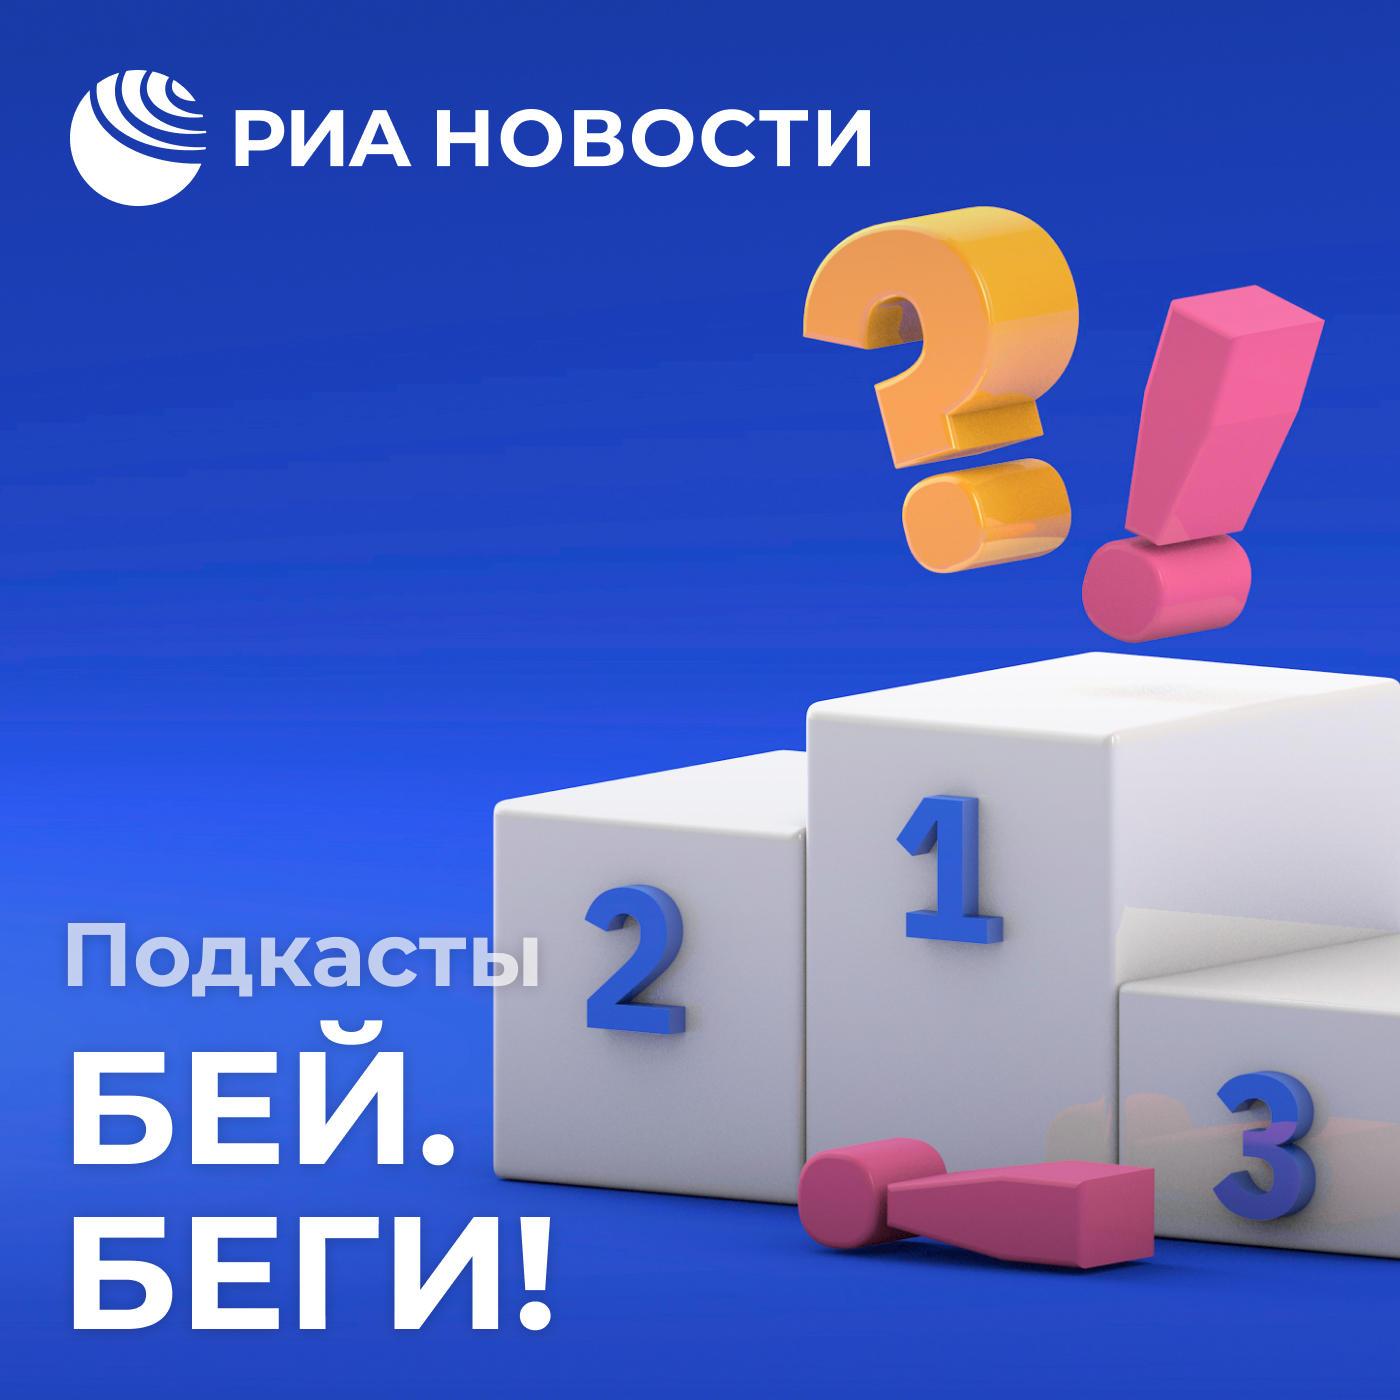 Евро-2020: Россия - Украина и крупные турниры в РФ. Реально?